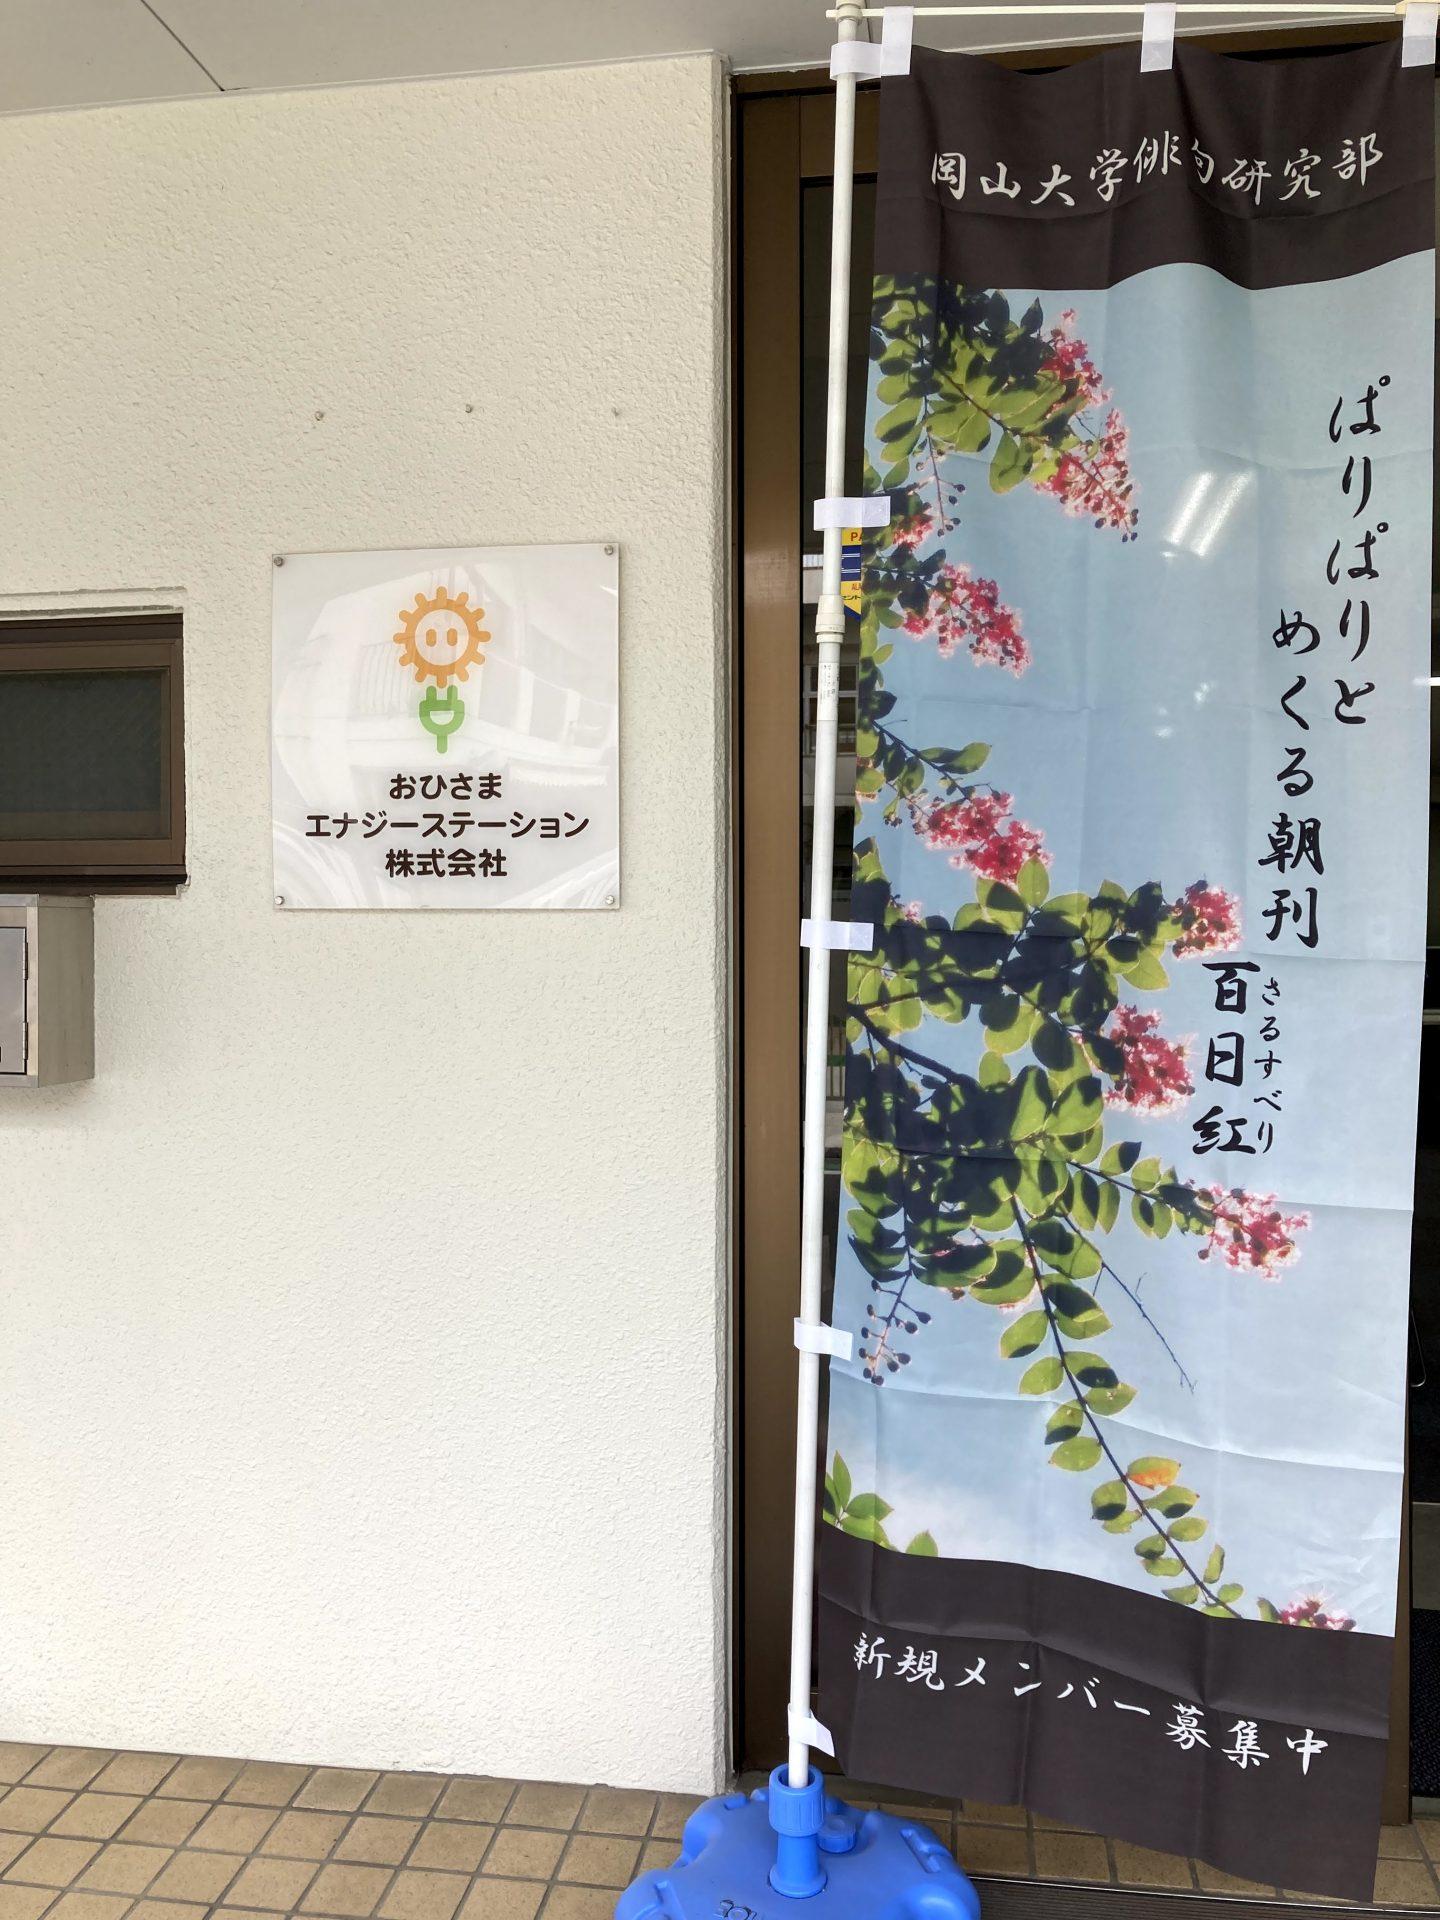 俳句のぼり6月